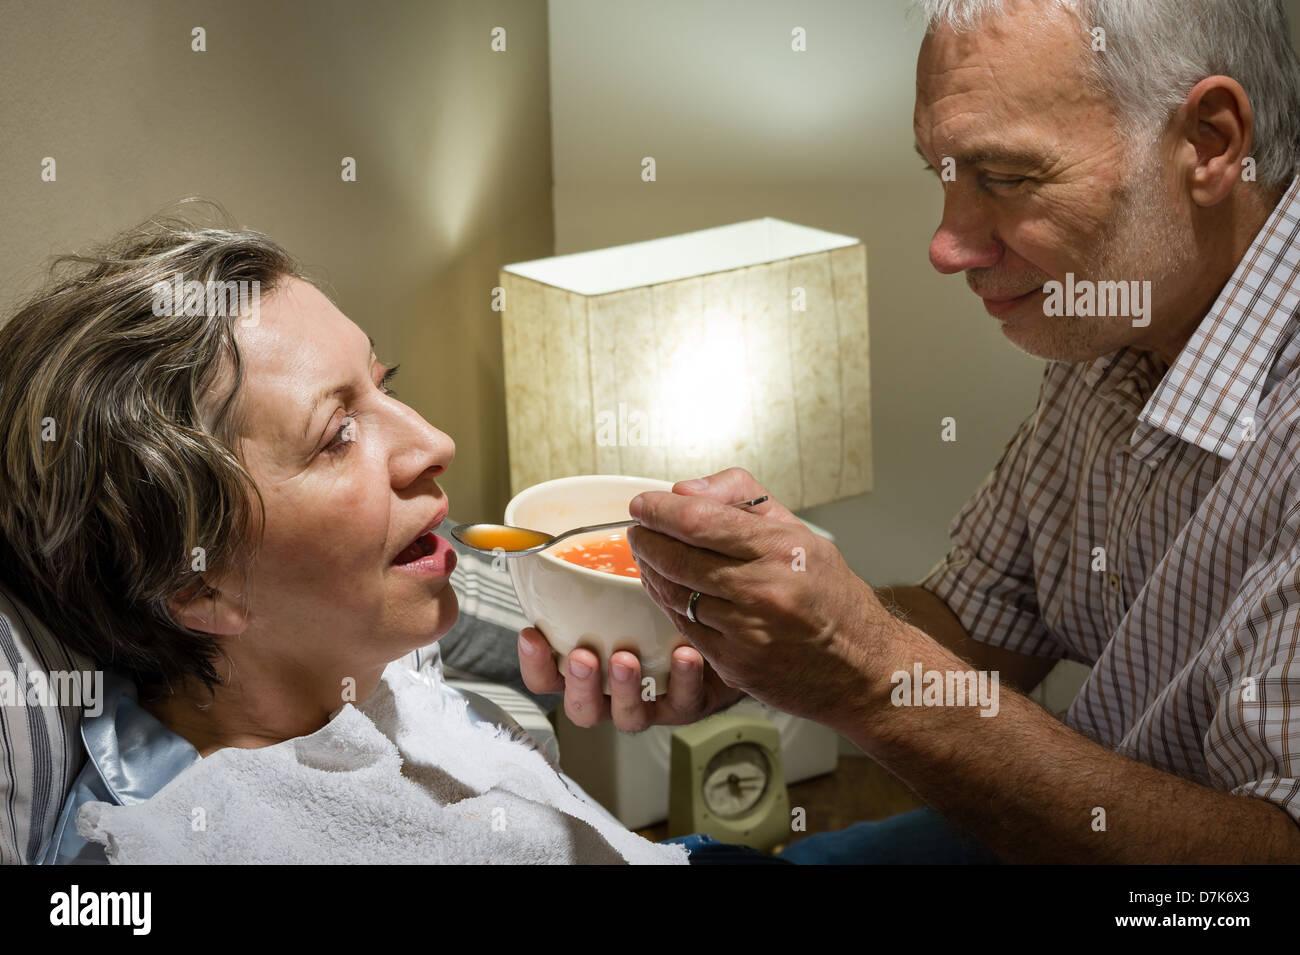 Amorevole marito in pensione alimentare la sua moglie malata con zuppa Immagini Stock